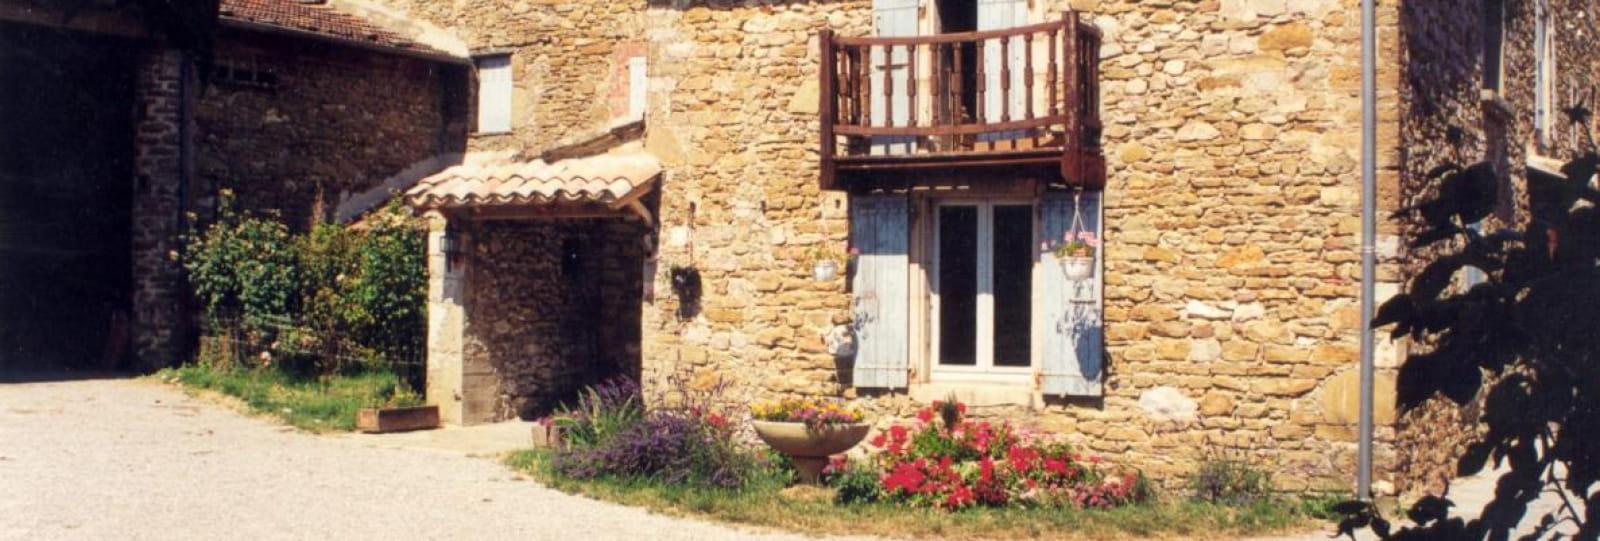 Chambre d'hôtes - Le Verdoyer